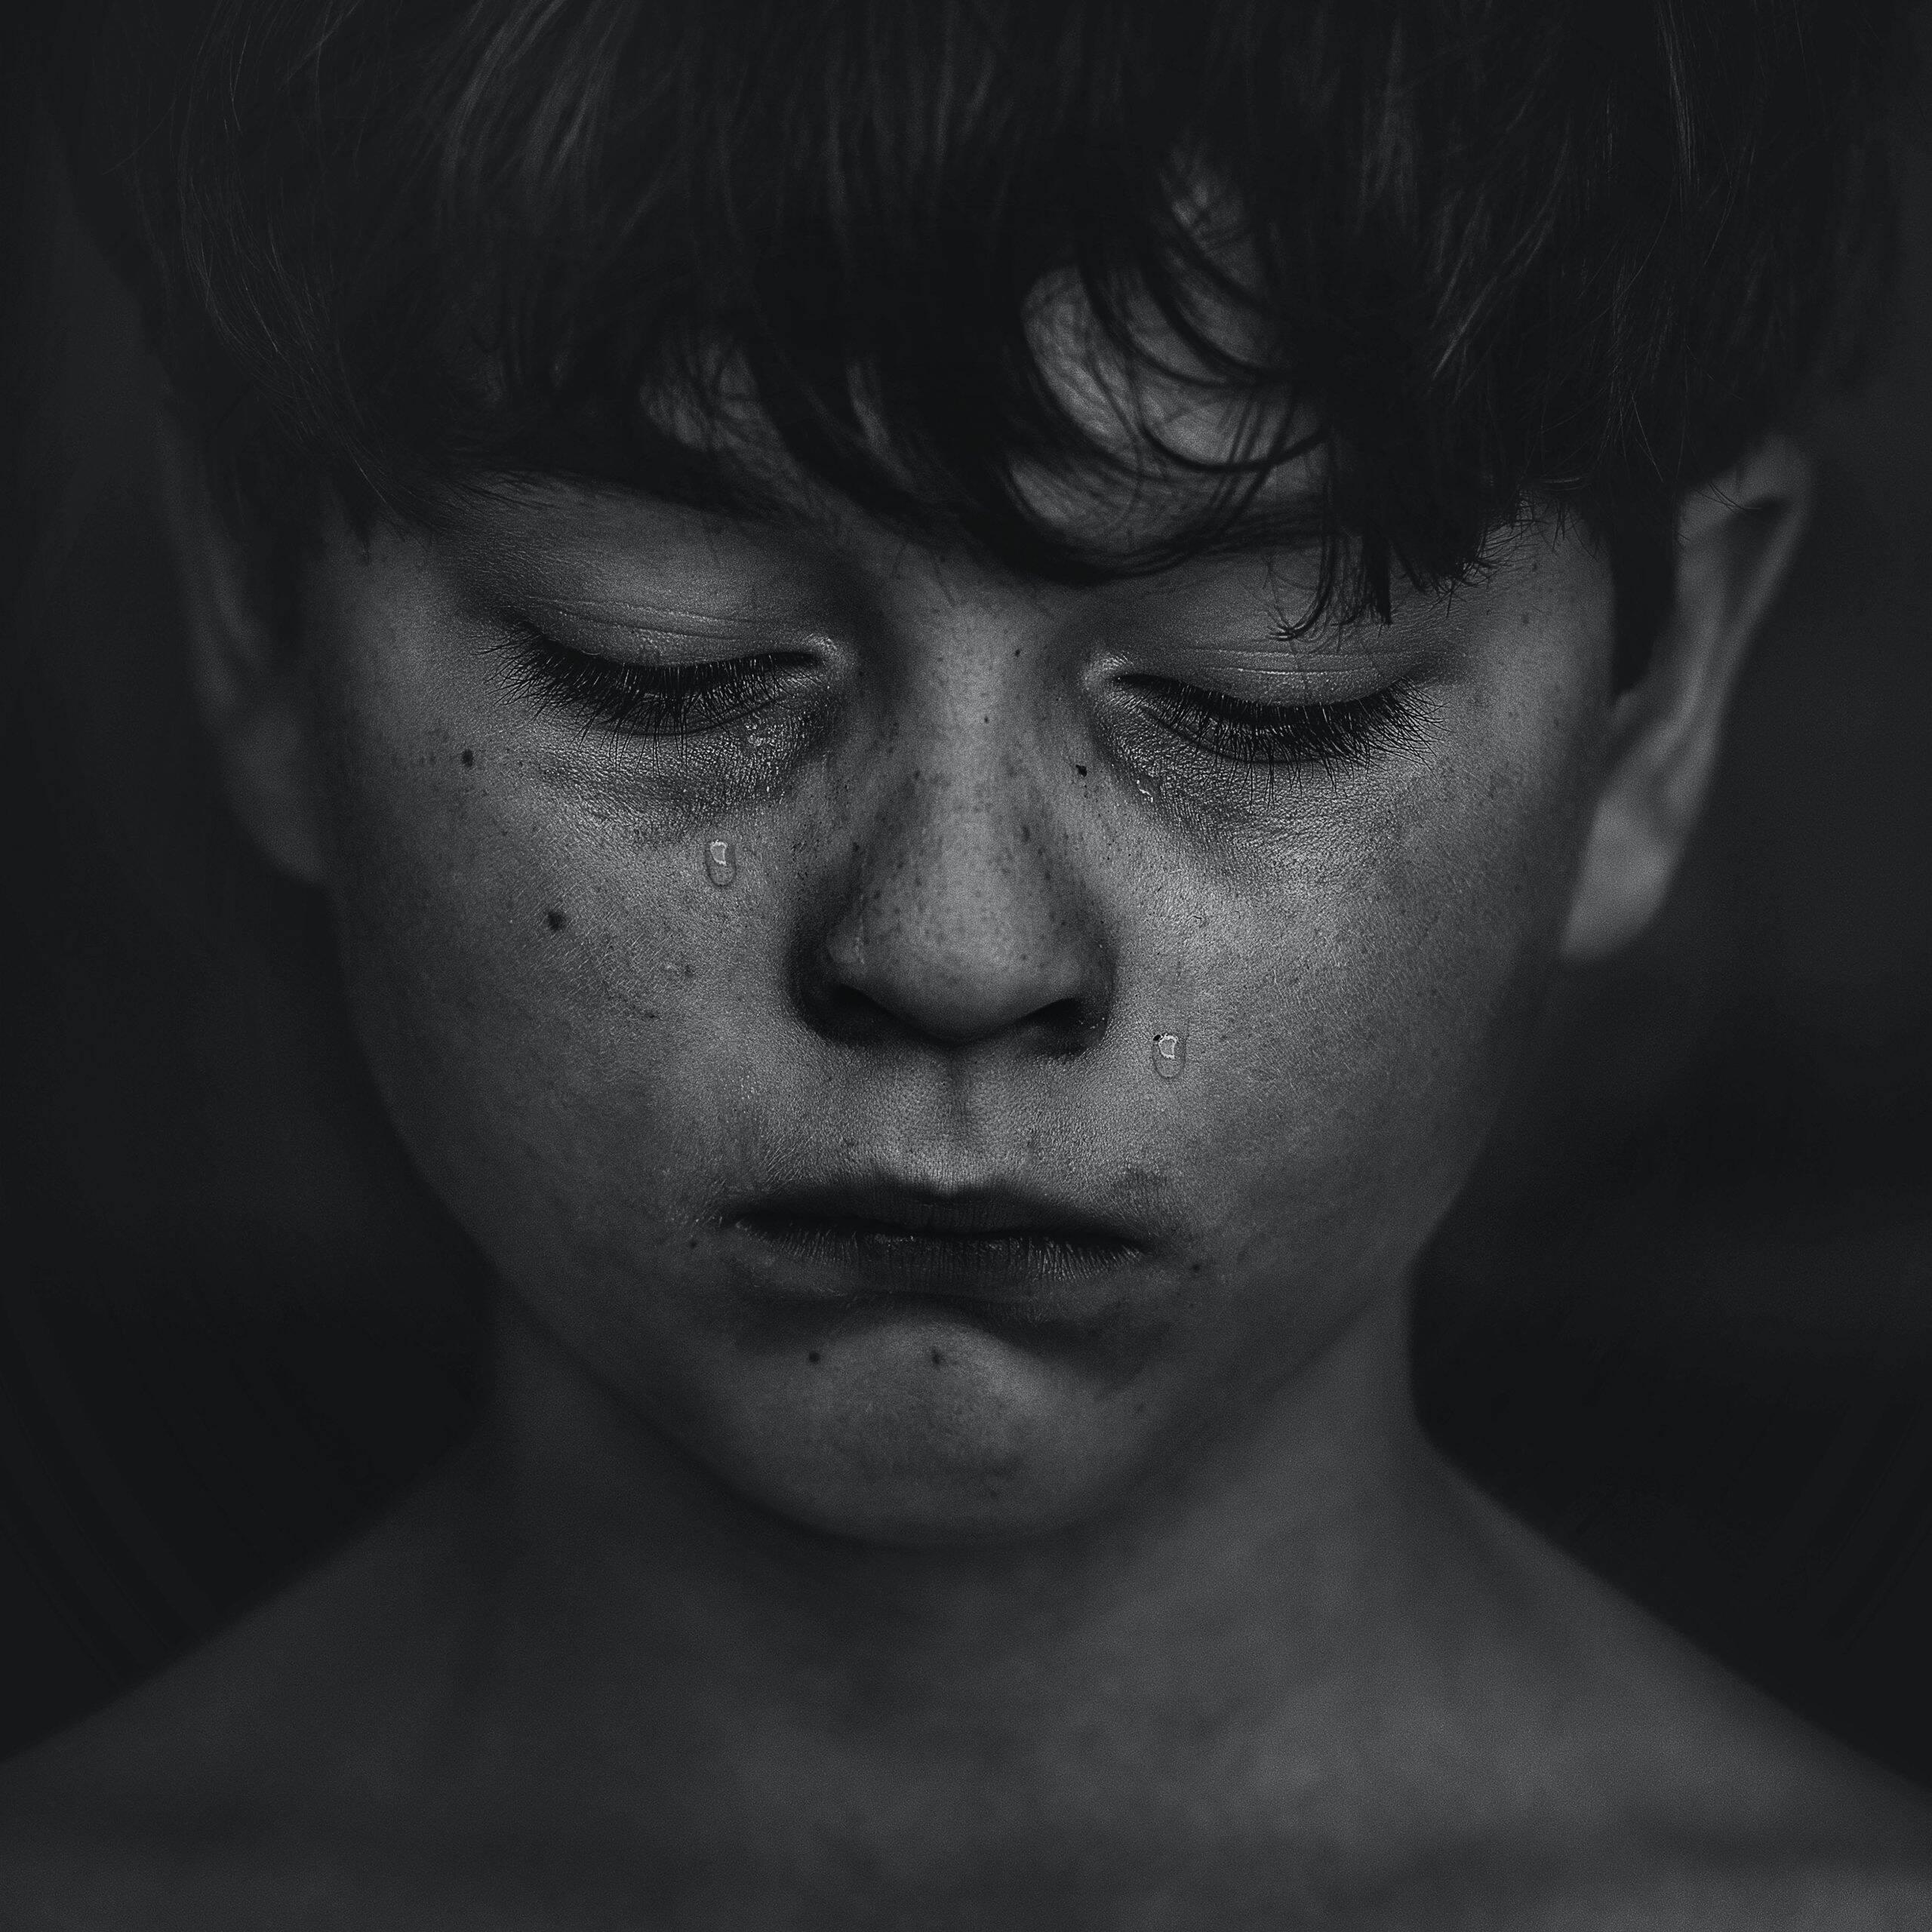 Um estudo realizado pela Faculdade de Medicina da Universidade de São Paulo – USP, apontou que uma a cada quatro crianças tem ou teve algum quadro de depressão durante a pandemia. (Foto: Pexels)